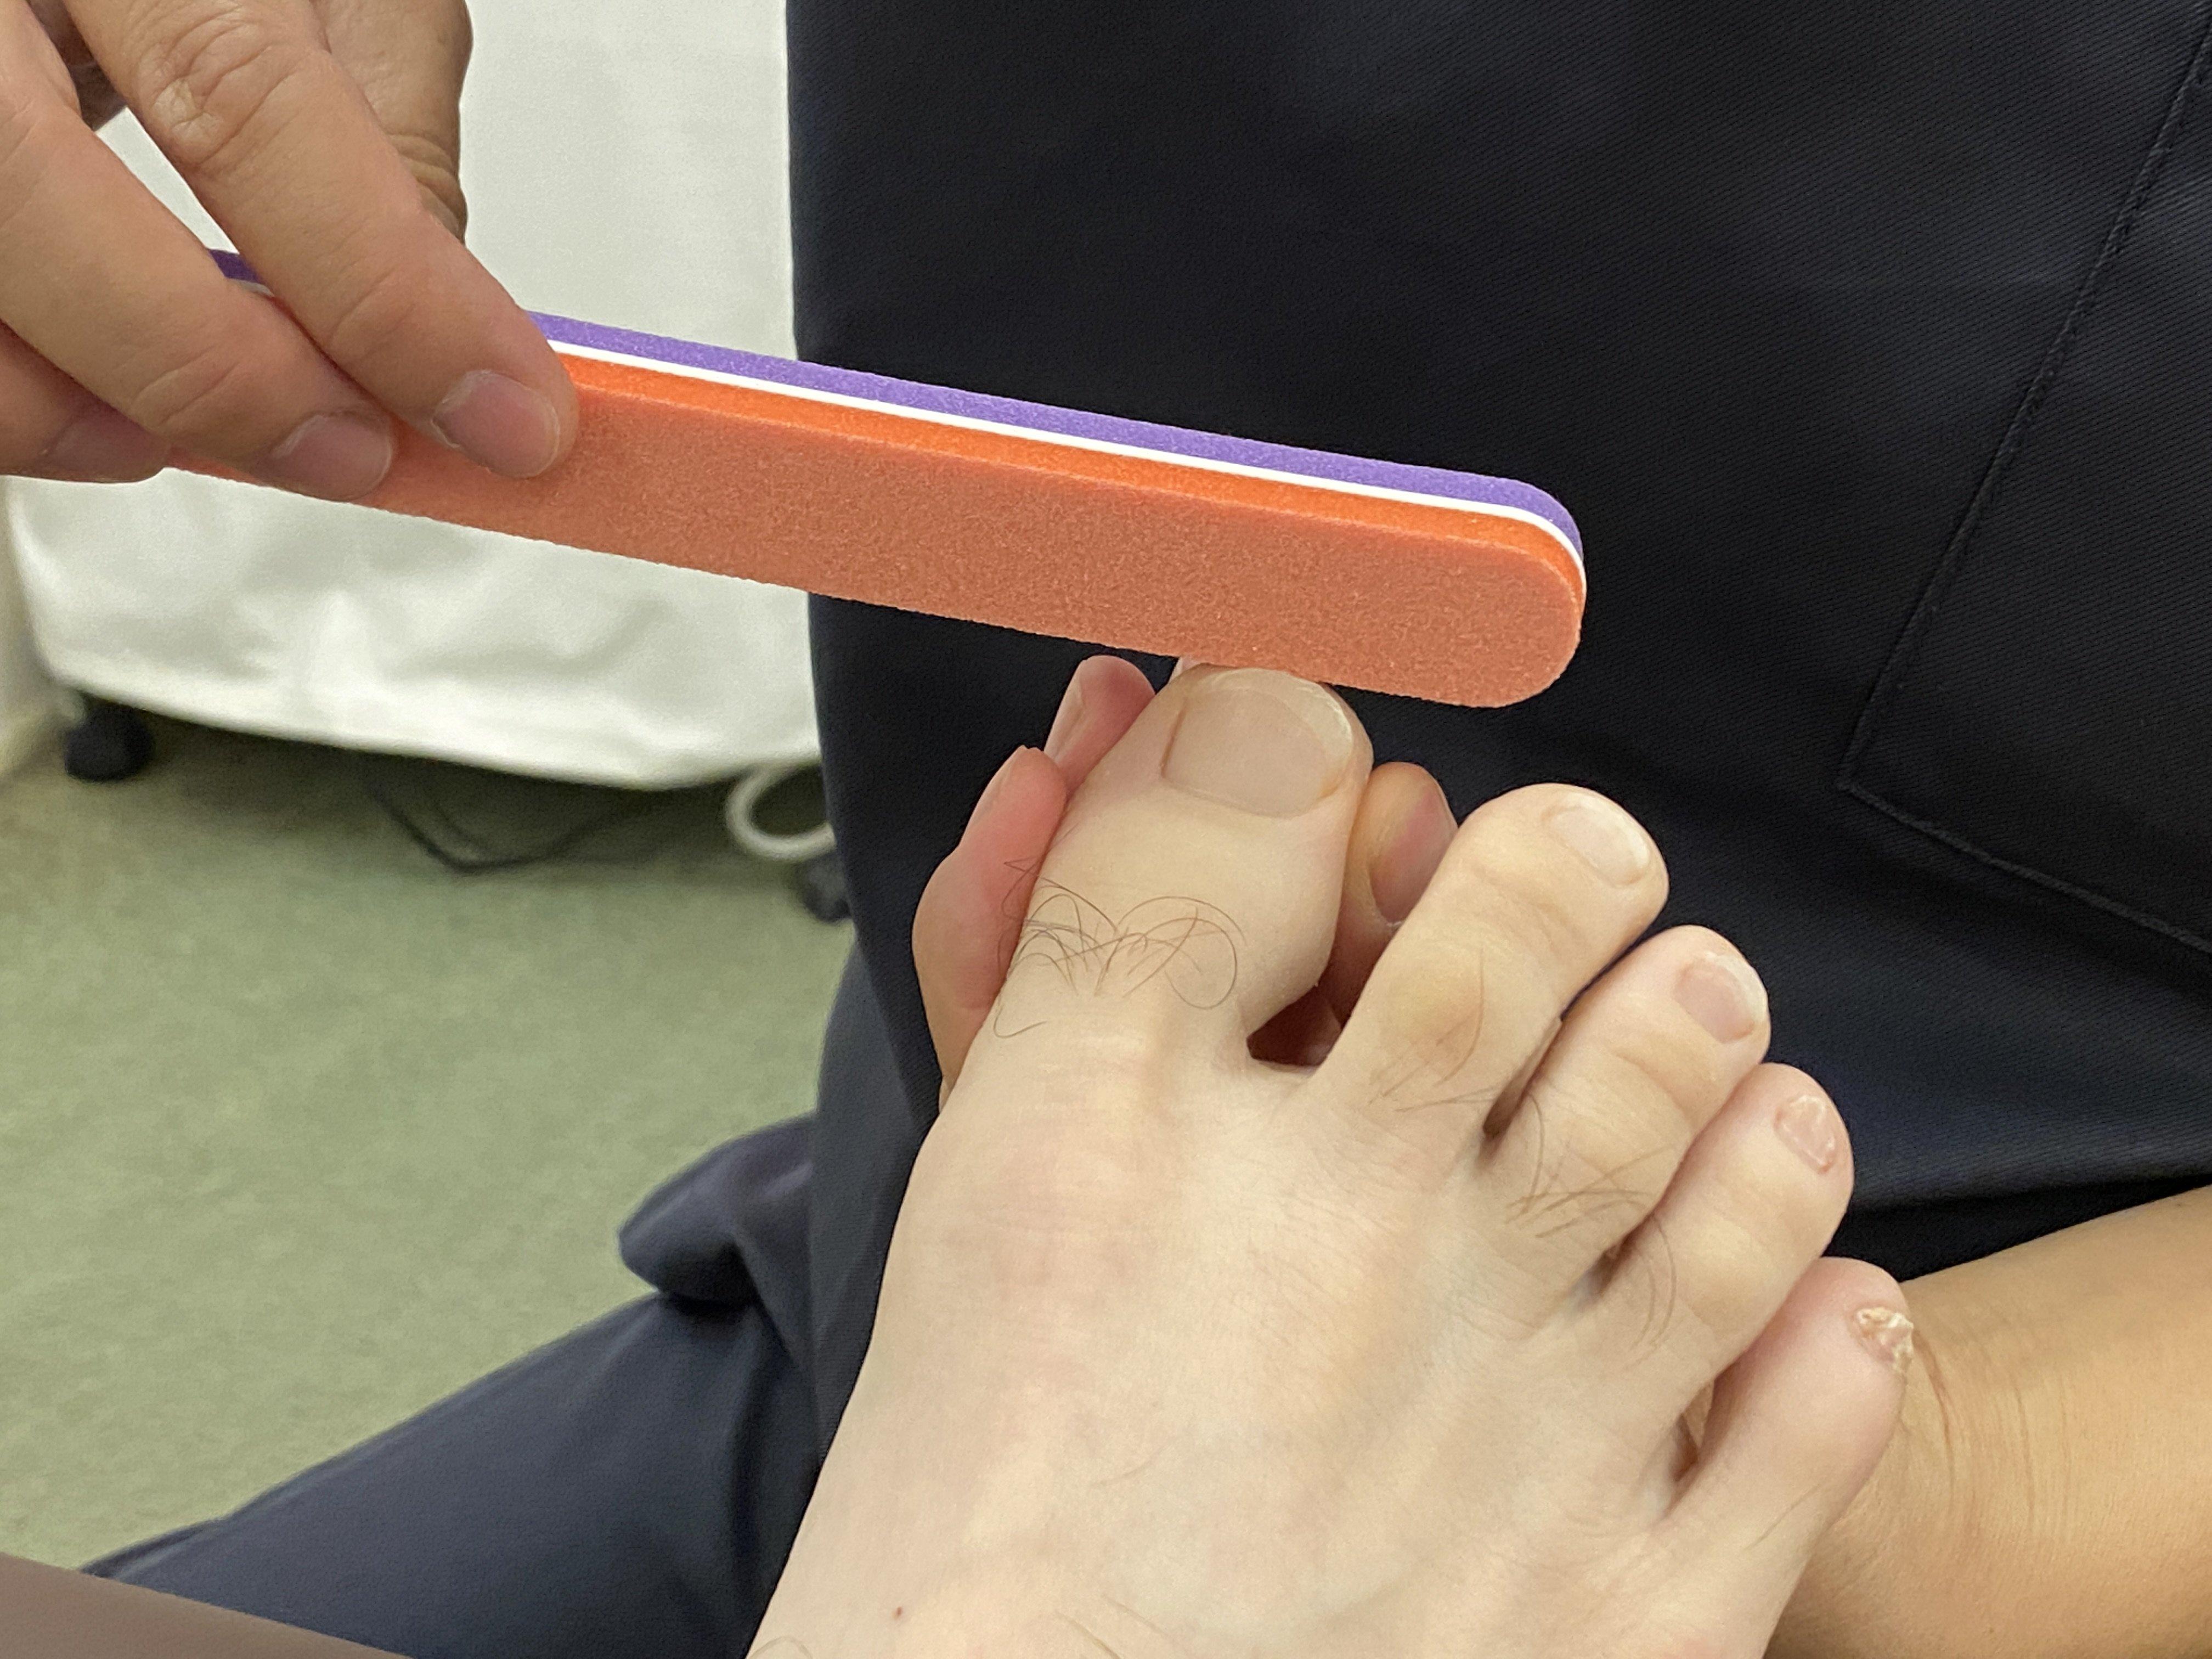 【片足用 足爪のケア】 肥厚爪のケアやカットができない方のイメージその3